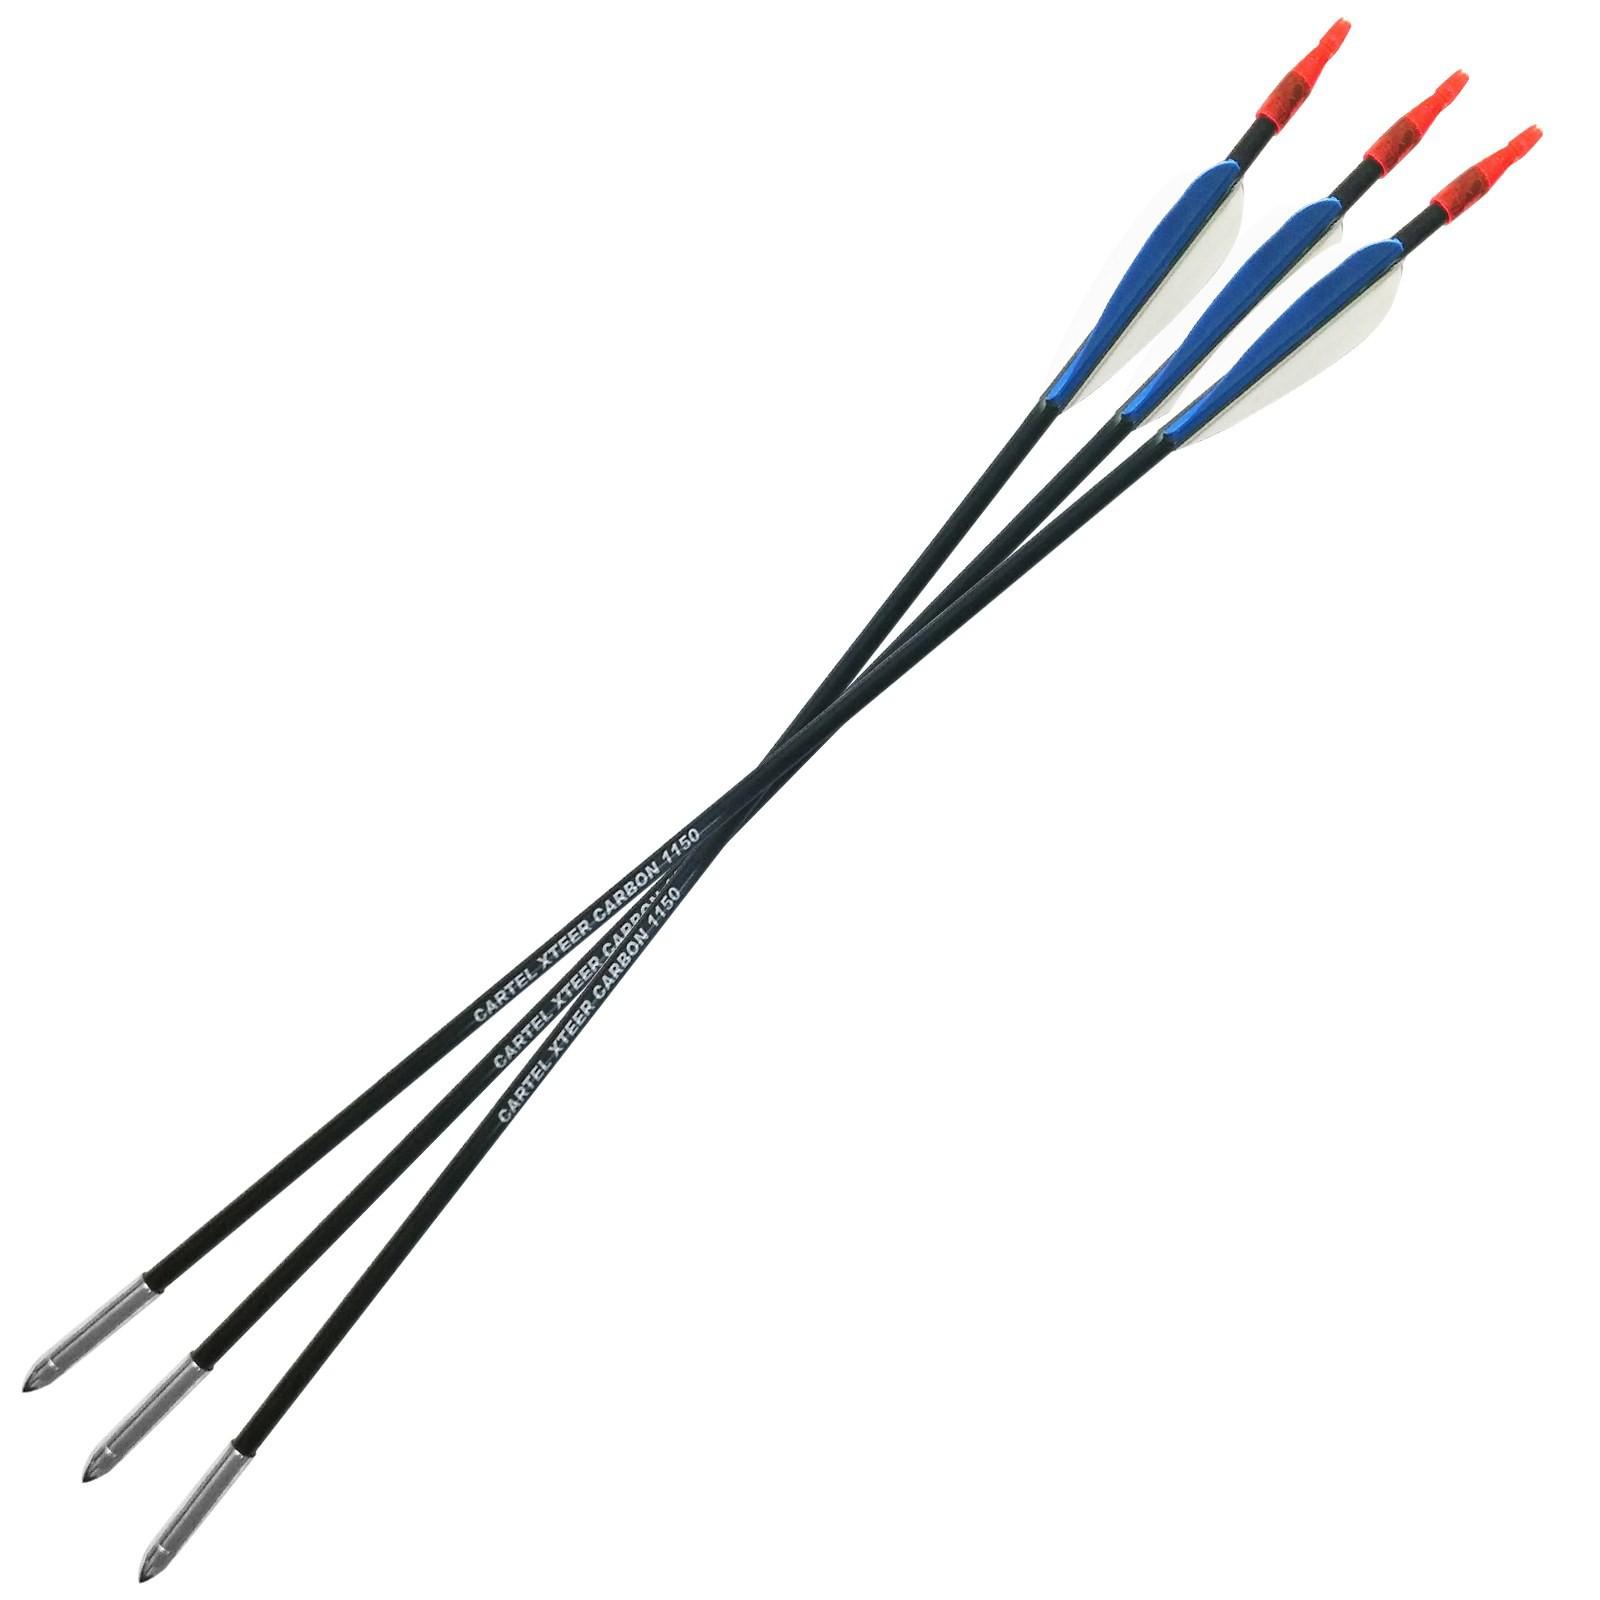 3 Frecce Freccia per Arco Mini Compound Tiro Bersaglio 14 Pollici